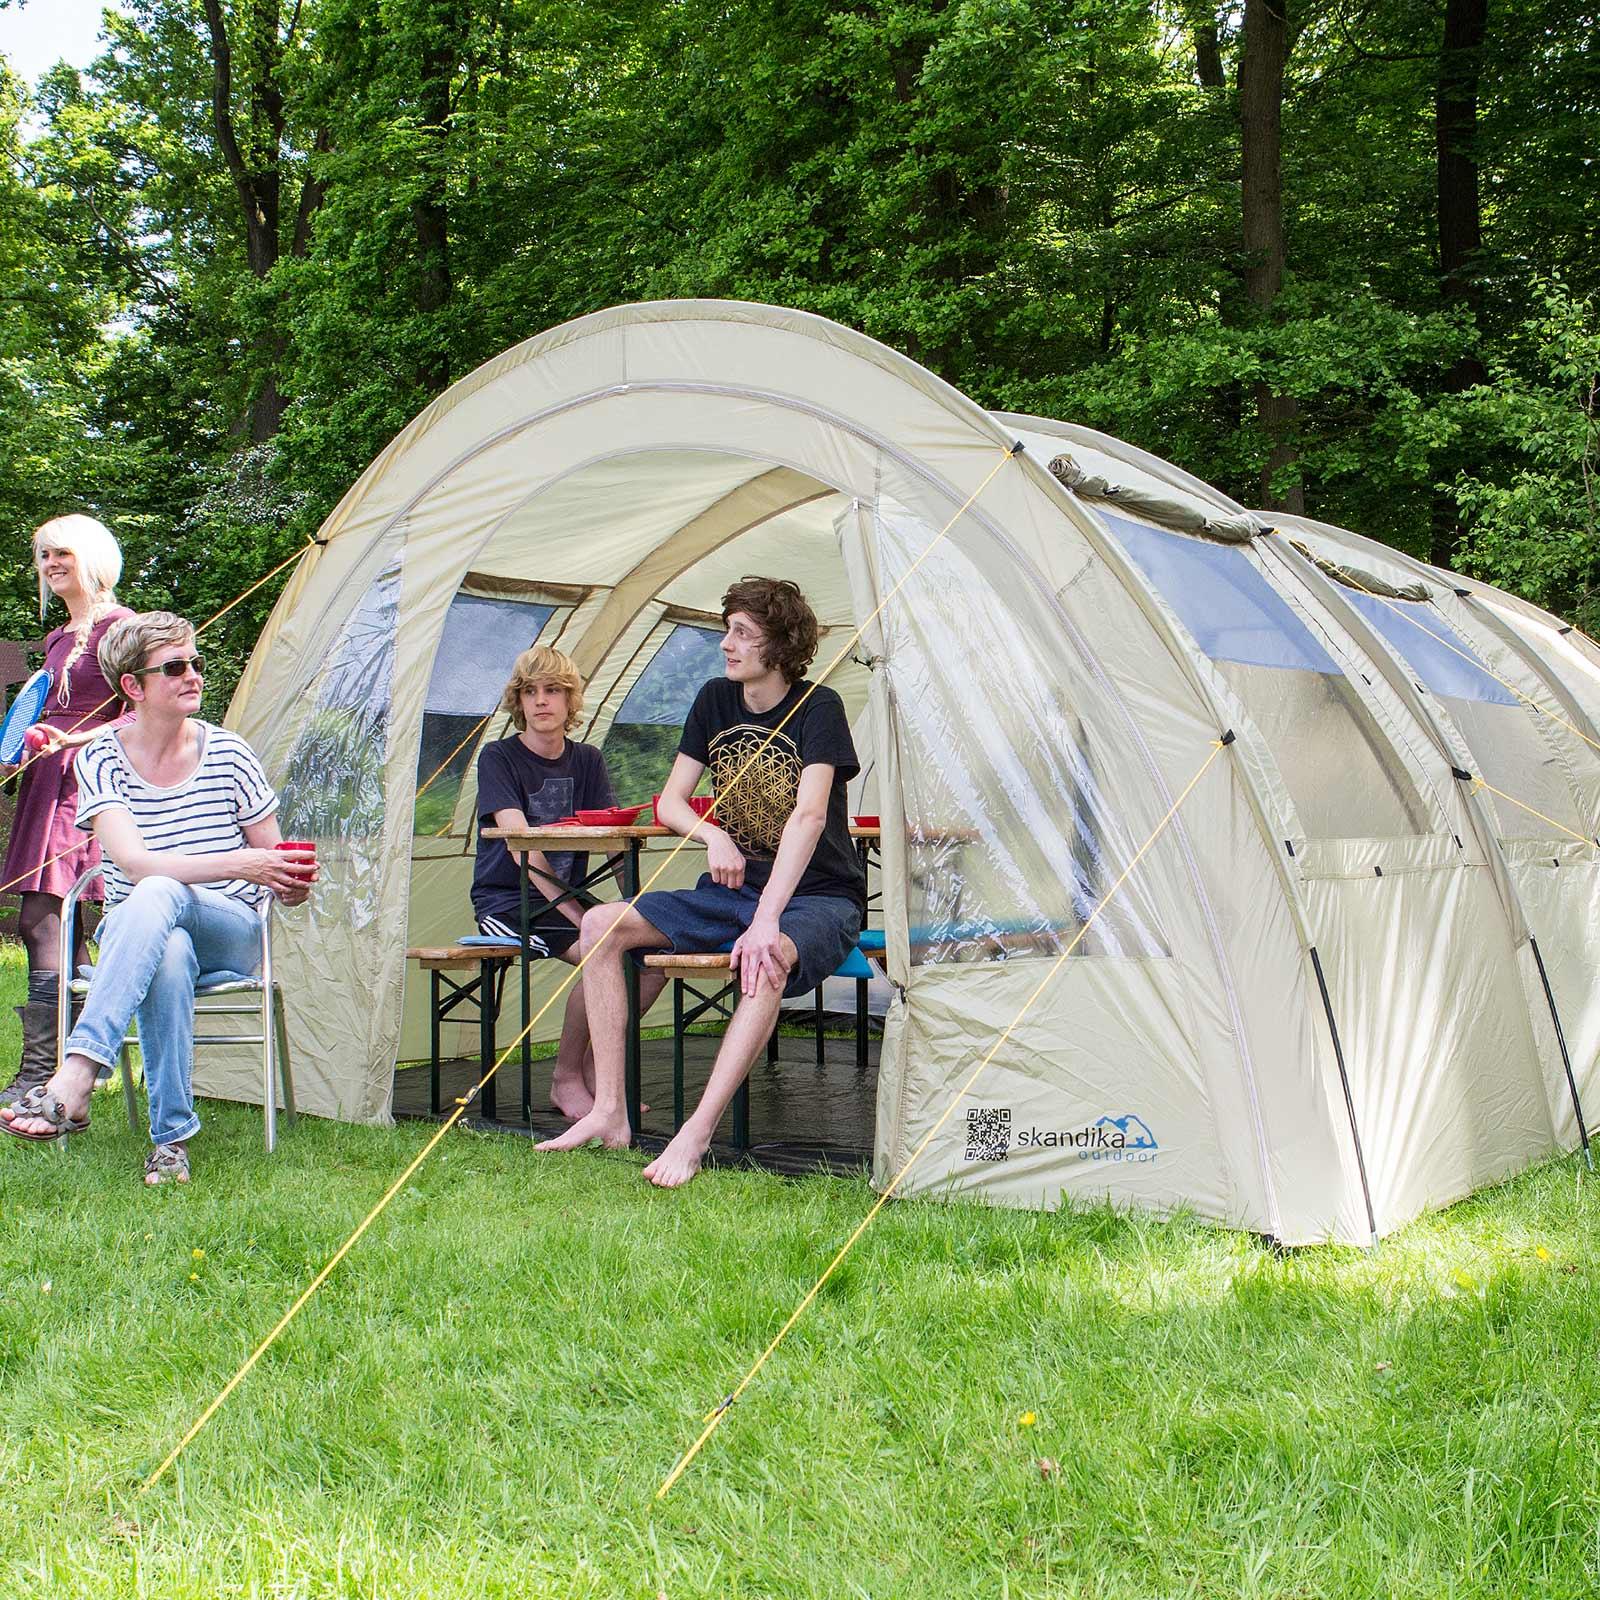 skandika-Kemi-4-Person-Man-Family-Tunnel-Tent- & skandika Kemi 4 Person/Man Family Tunnel Tent Camp 3000mm Water ...